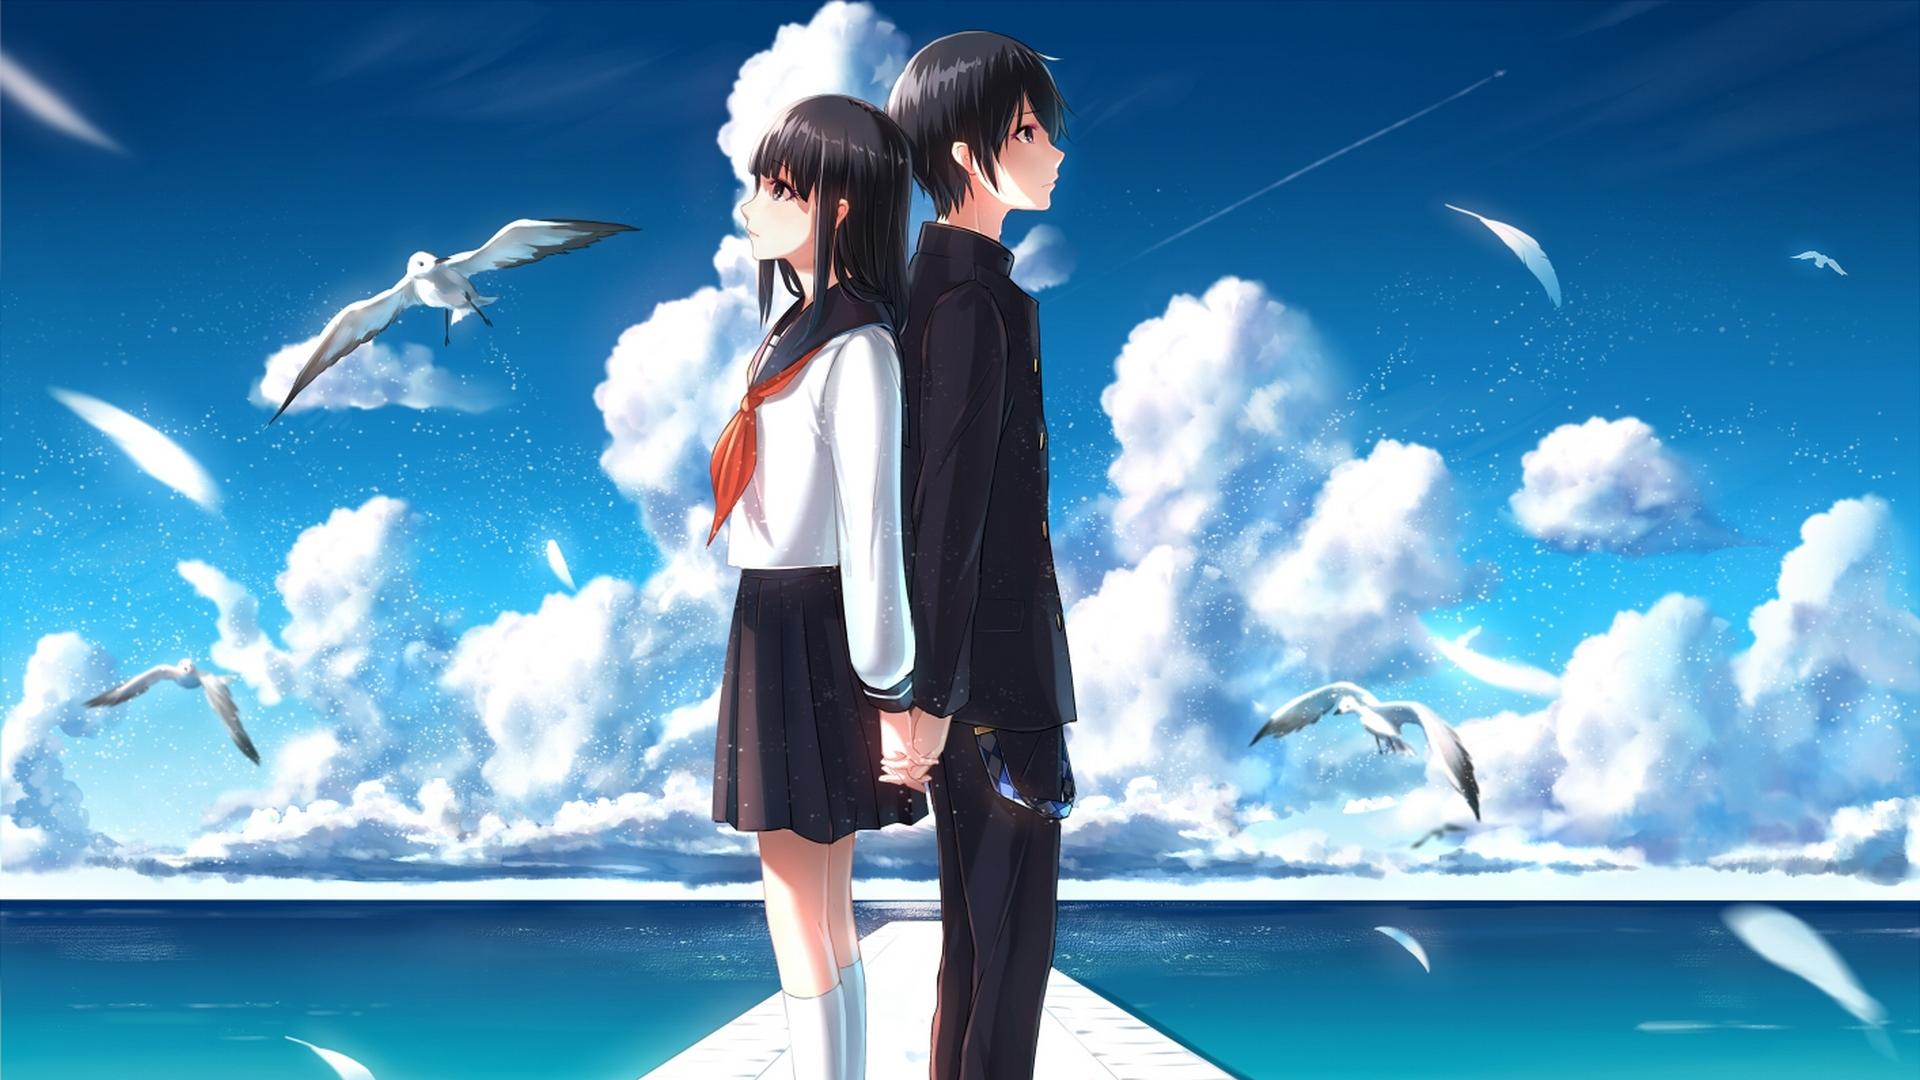 Hình Anime ngọt ngào